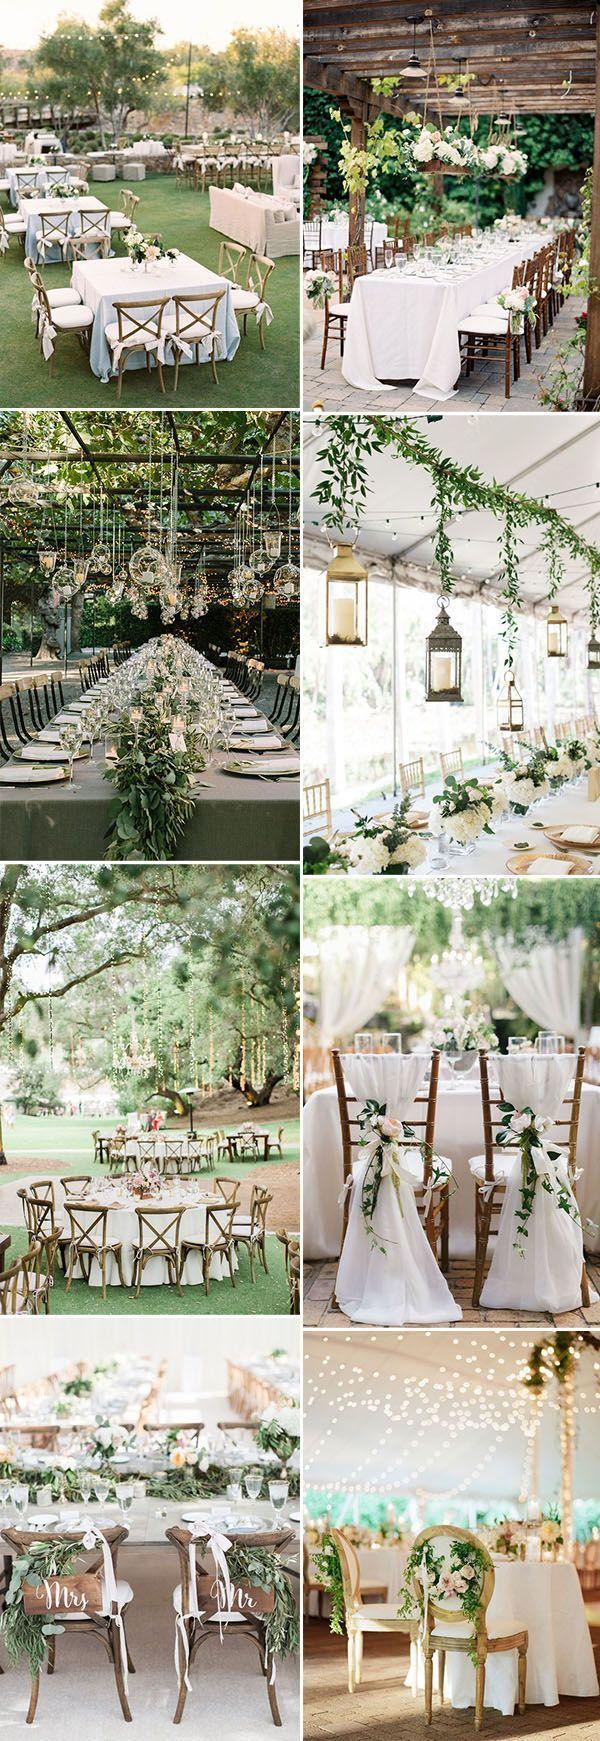 48 inspirierendsten Garten-inspirierte Hochzeitsideen